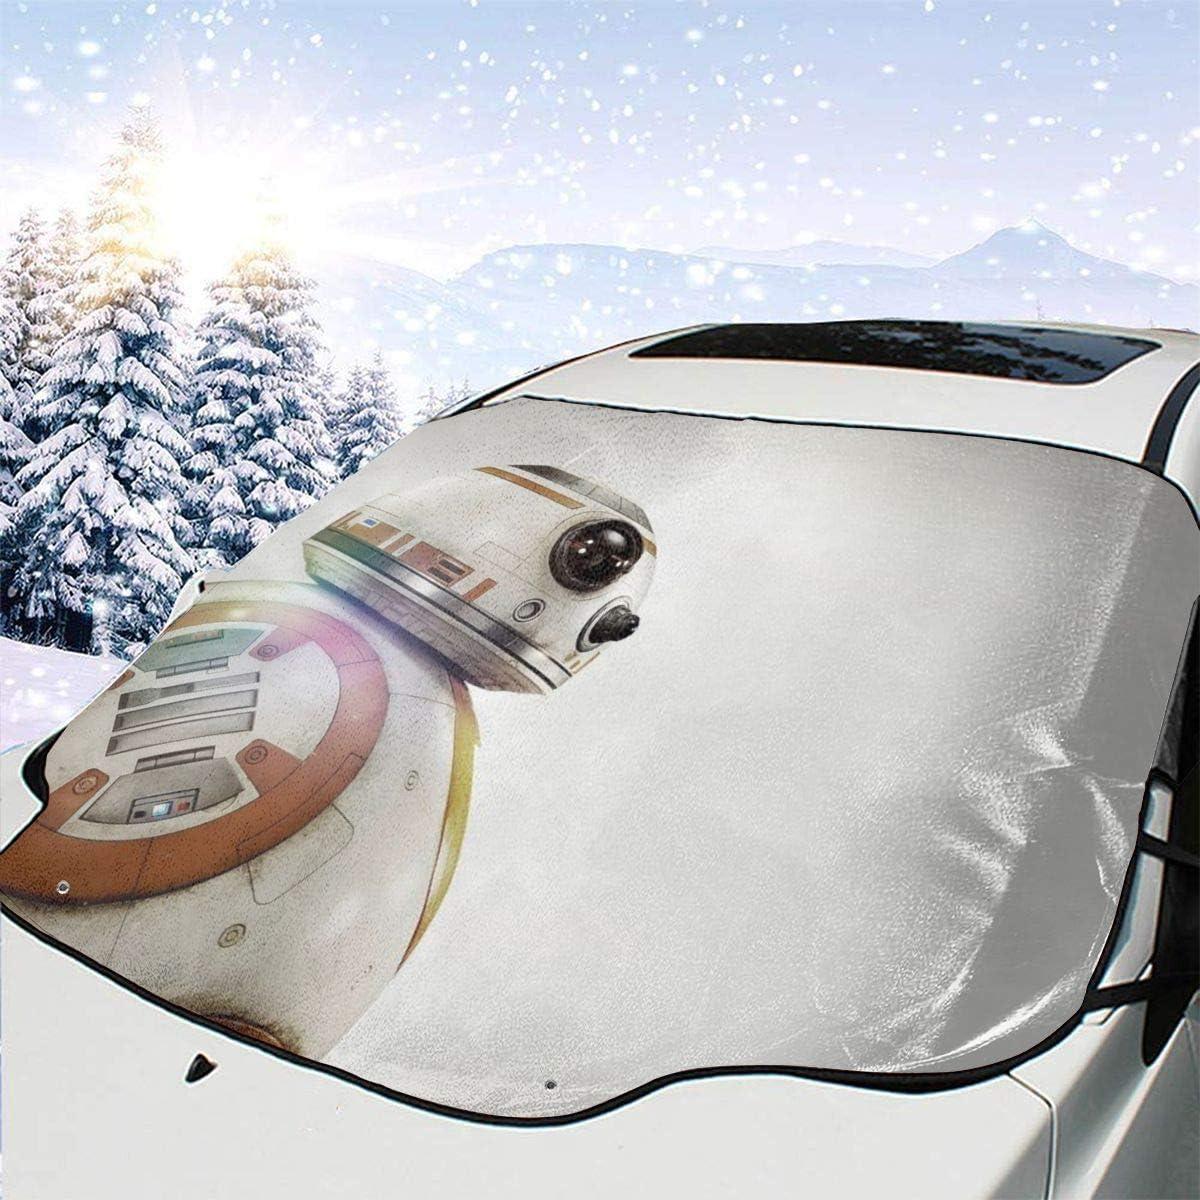 Protezione Solare Gelo Neve AEMAPE Star-War Robot Multifunzione Parabrezza per Auto Parabrezza Parasole per Auto Parabrezza Impermeabile Copertura Invernale per Ghiaccio 147 x 118 cm